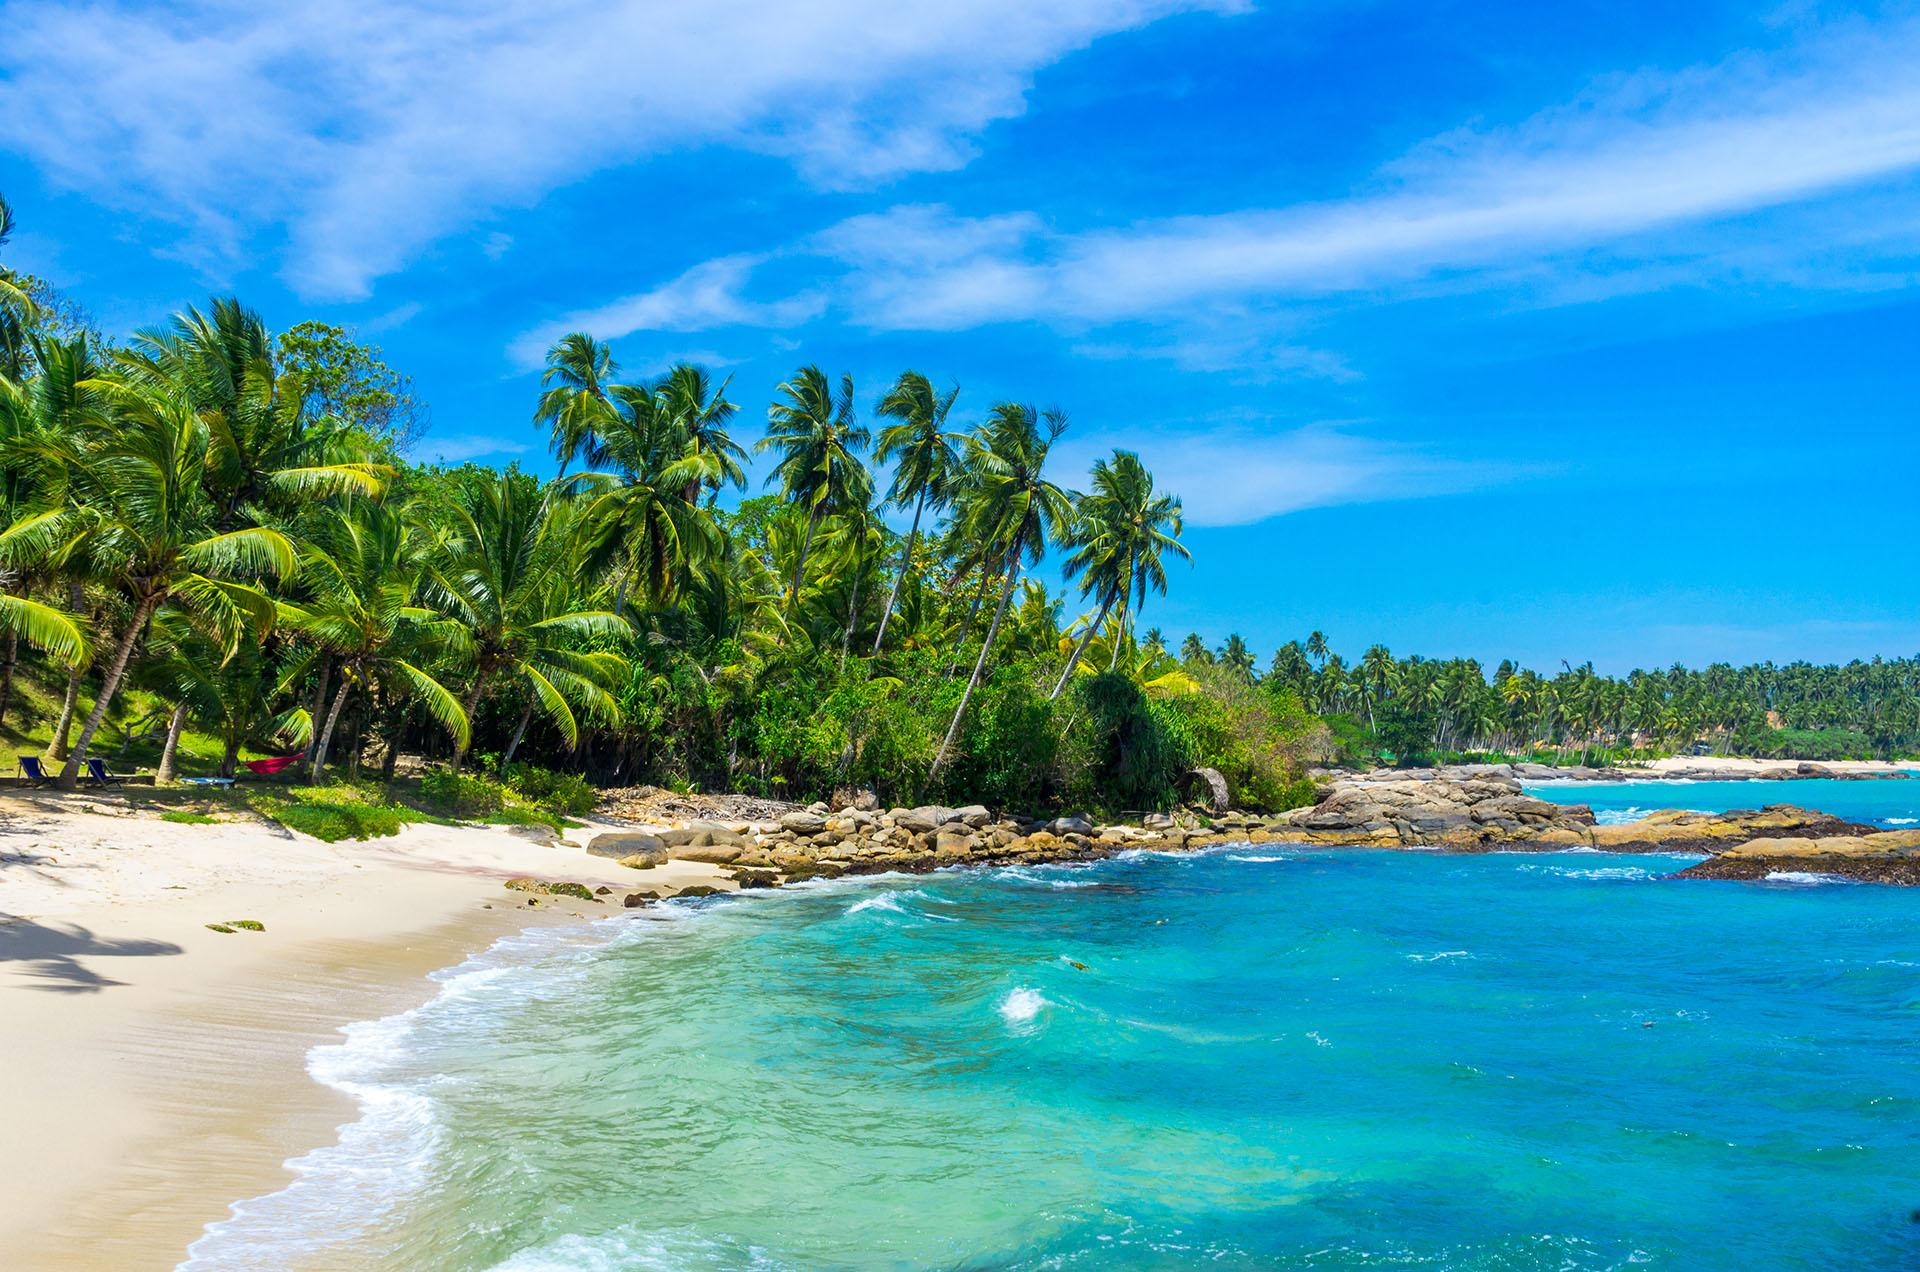 Tangalle es uno de los destinos turísticos menos populares de Sri Lanka. Y a pesar de que fue un pueblo de pescadores de a poco se está metiendo en el radar del turismo global